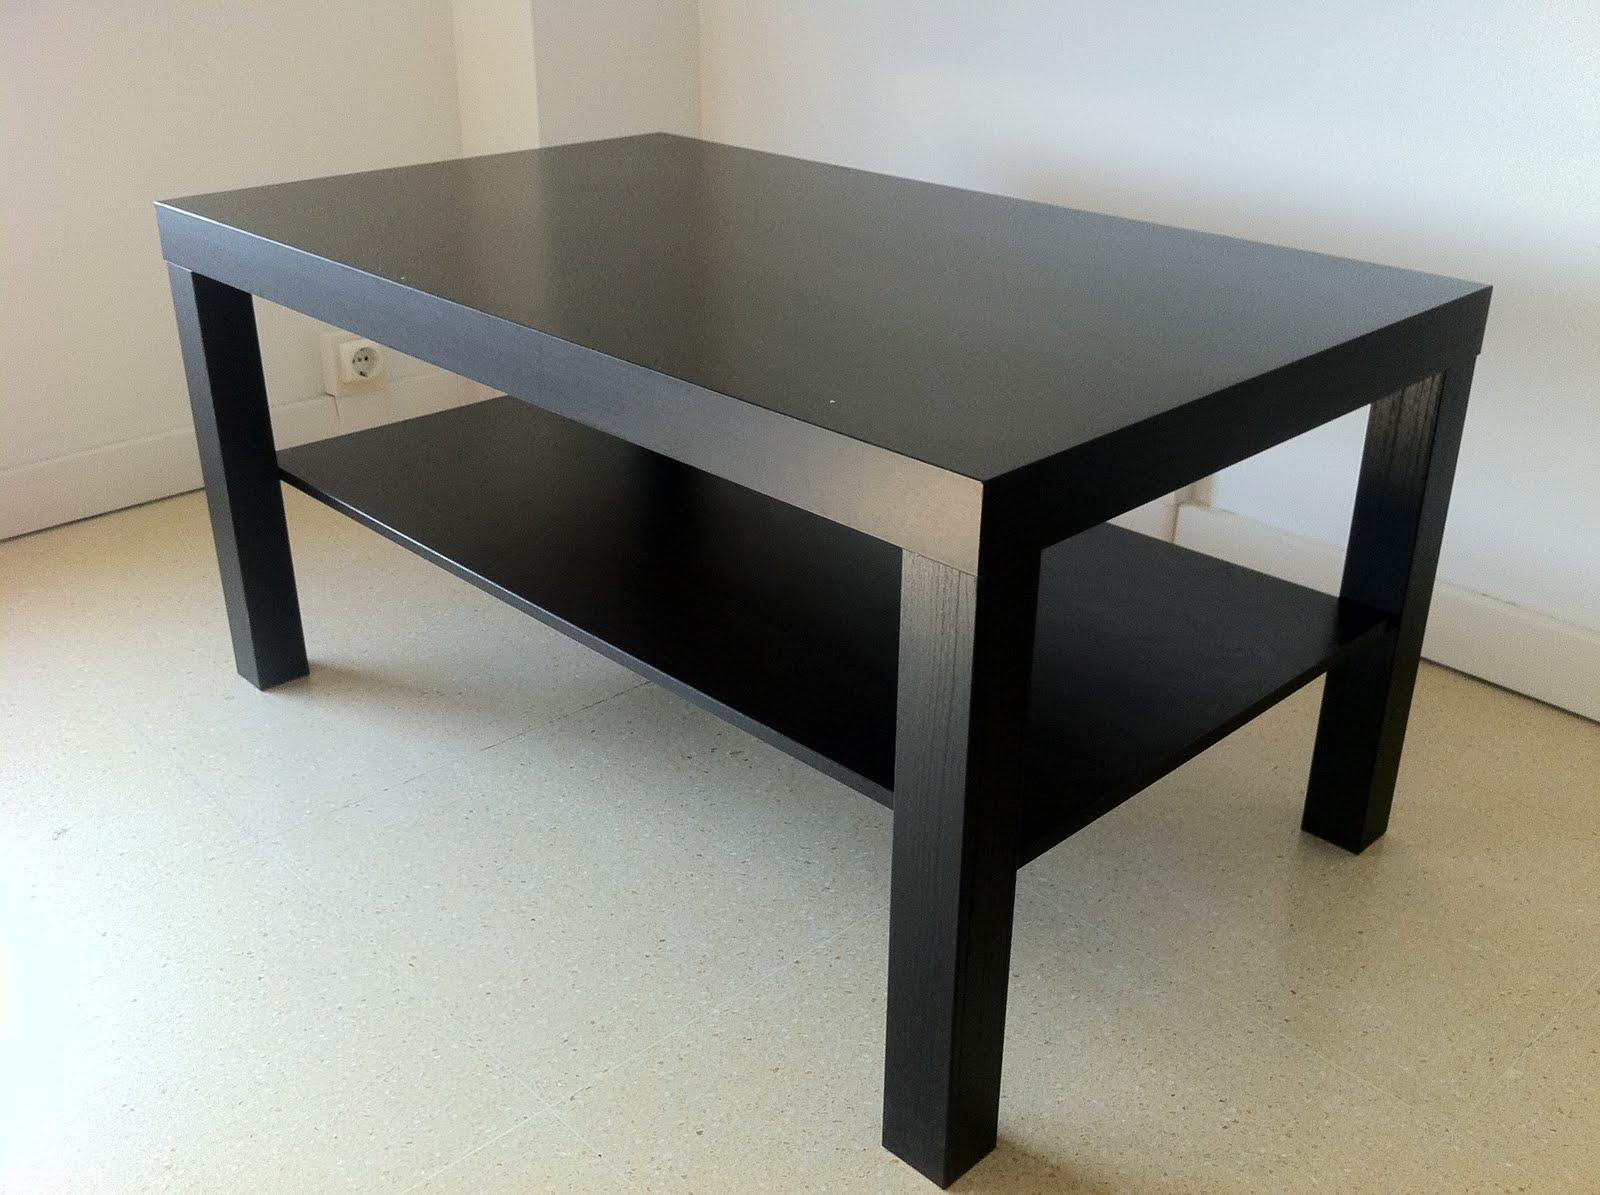 Muebles en perfecto estado (venta por mudanza): Mesa de ... - photo#37